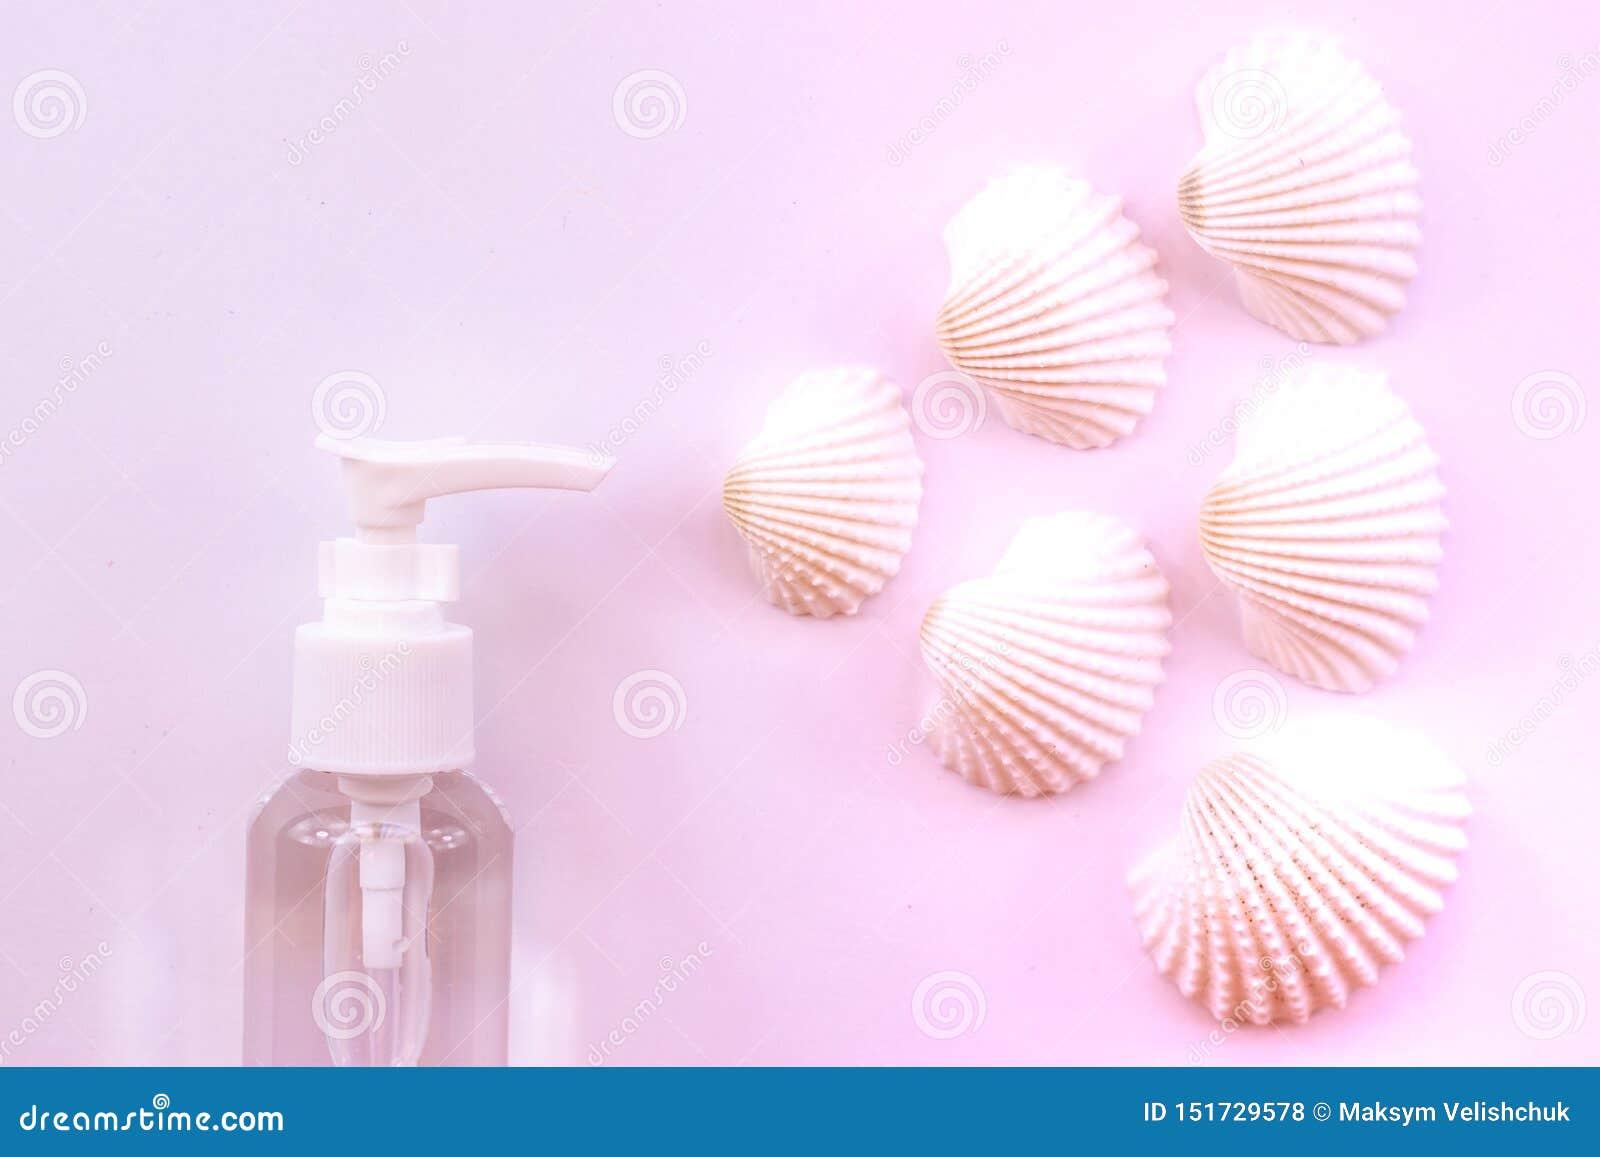 海的气味 有壳的塑料香水喷子瓶在粉红彩笔背景